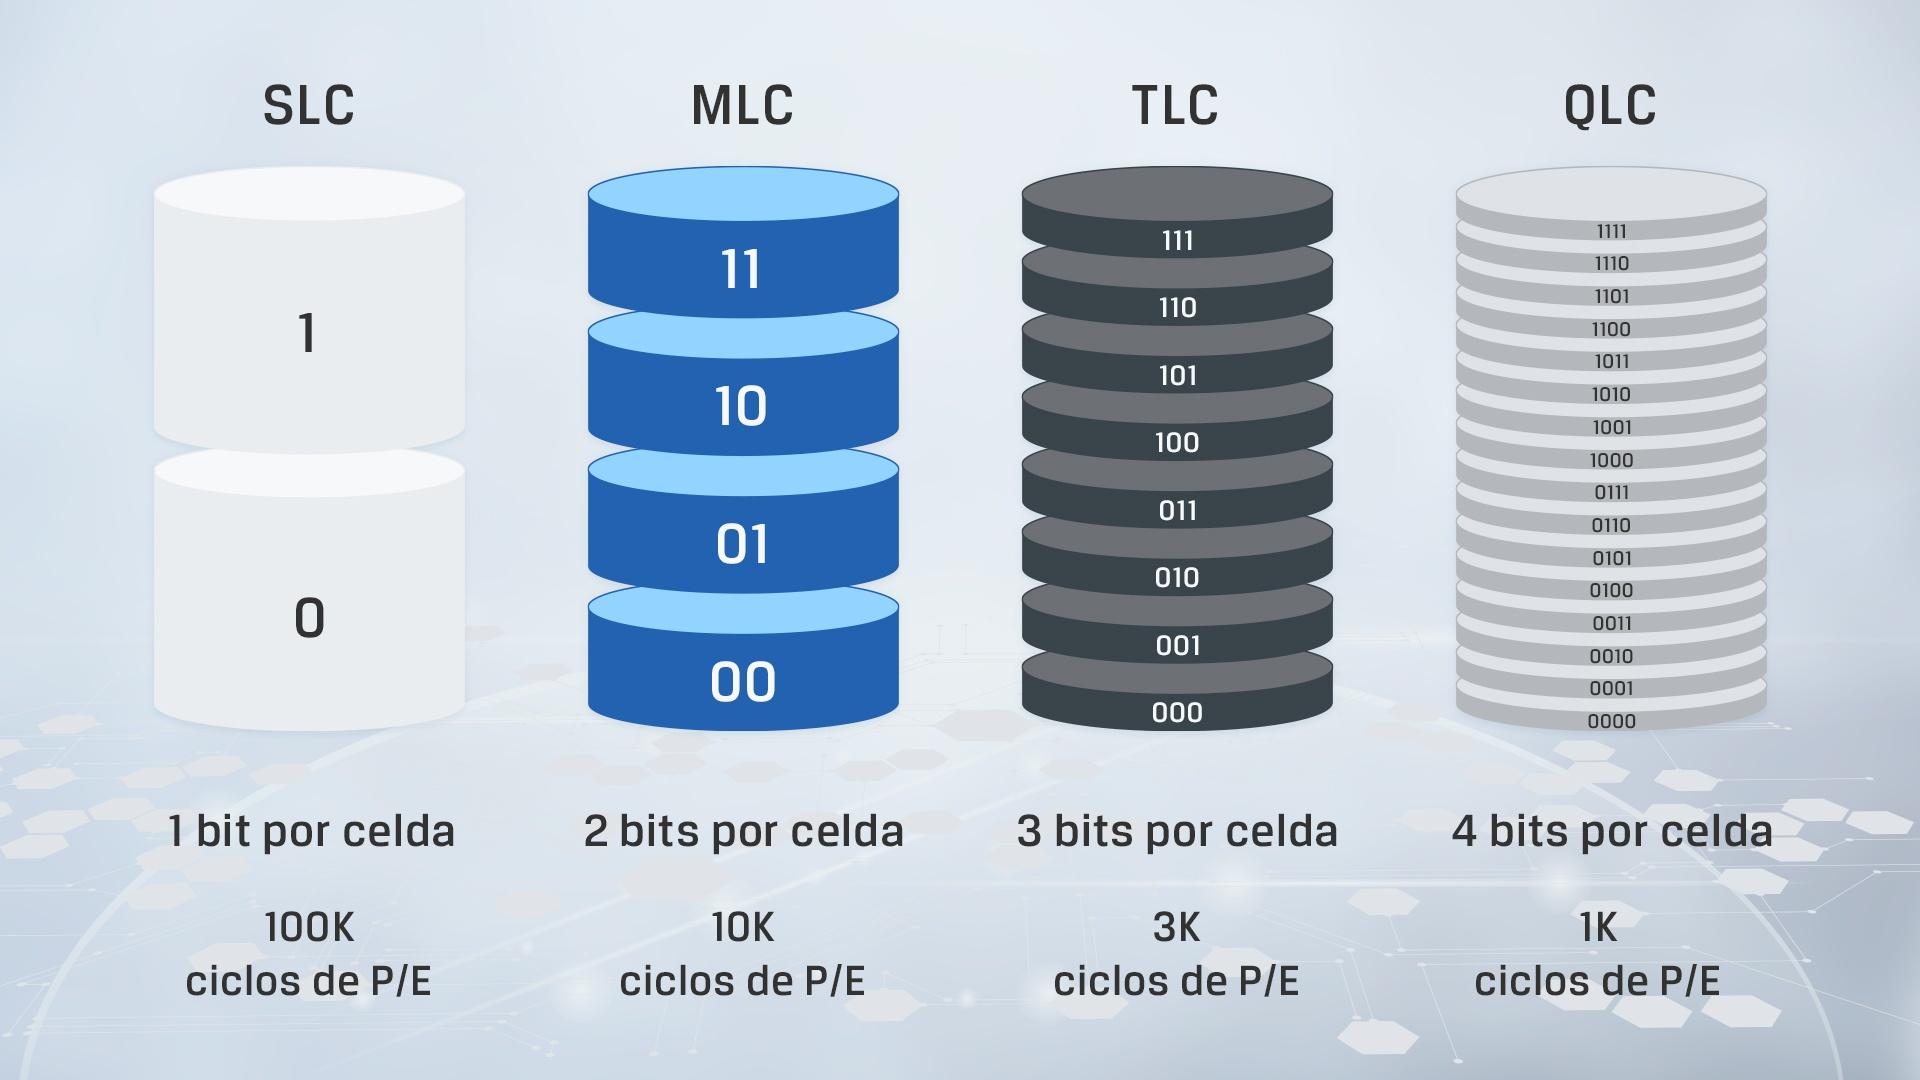 infografía mostrando las principales diferencias entre los distintos tipos de NAND